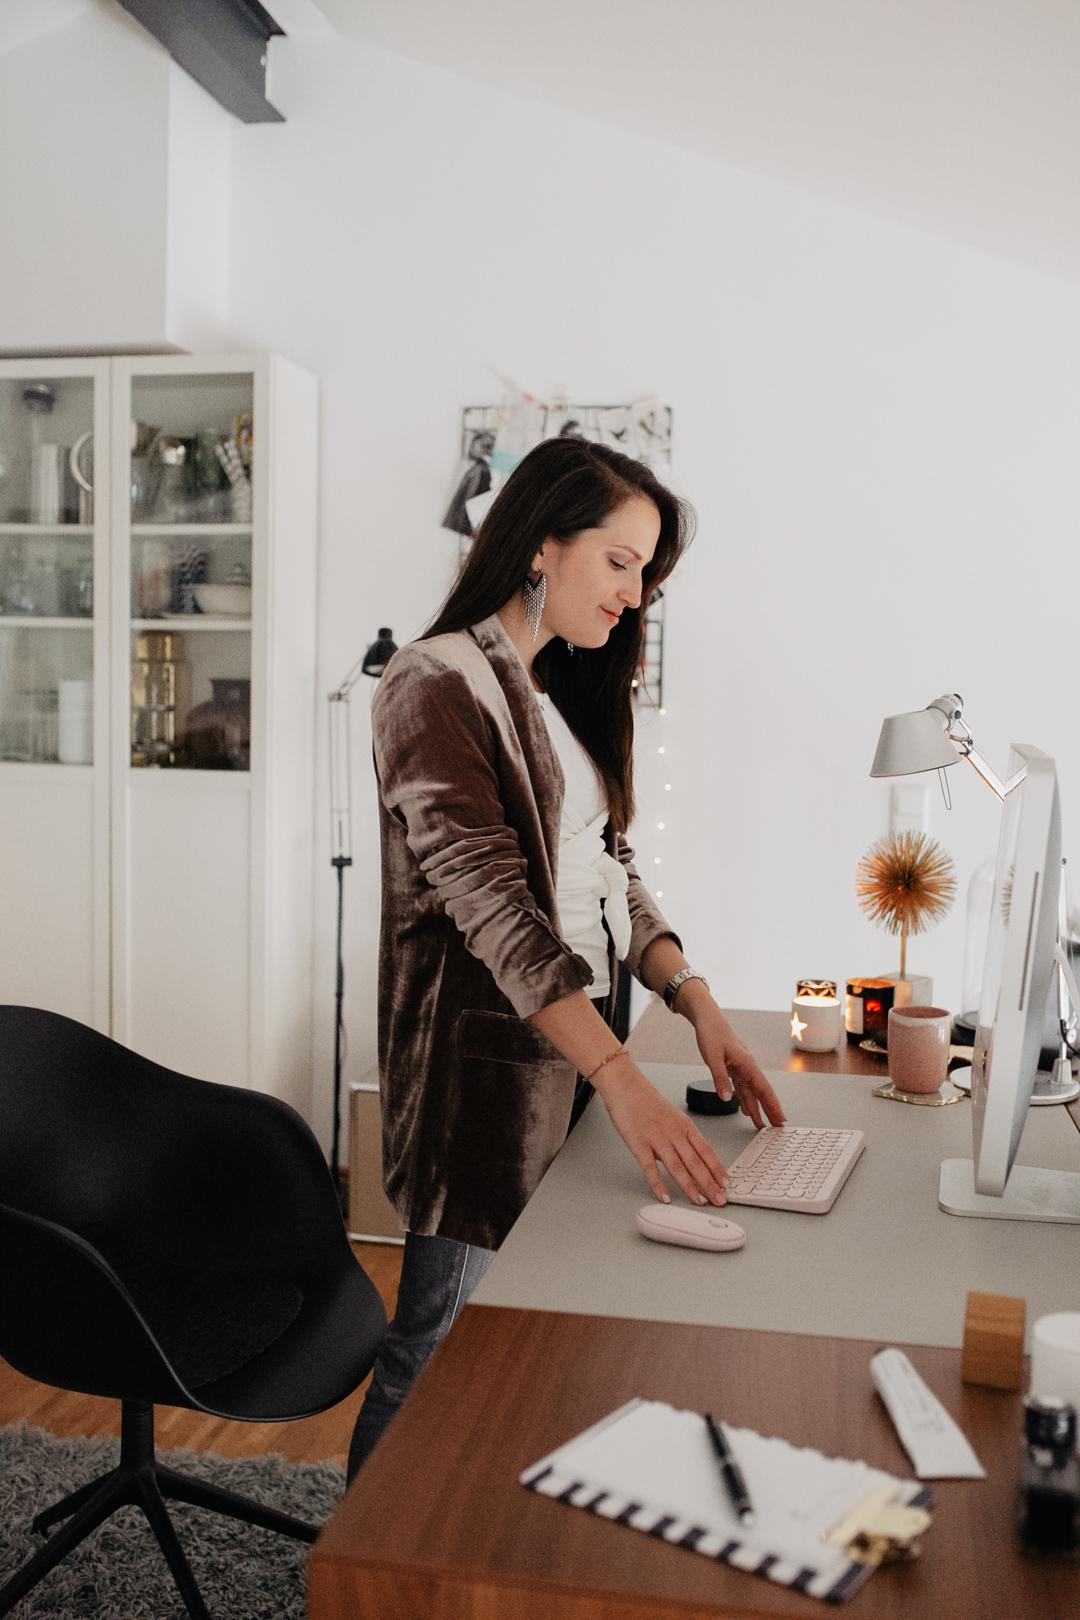 In diesem Jahr haben vermutlich so viele Leute von Zuhause gearbeitet, wie lange nicht. Grund genug, unserem Home Office ein kleines Upgrade zu verpassen, oder? Ich zeige euch heute mein Home Office im Loft.